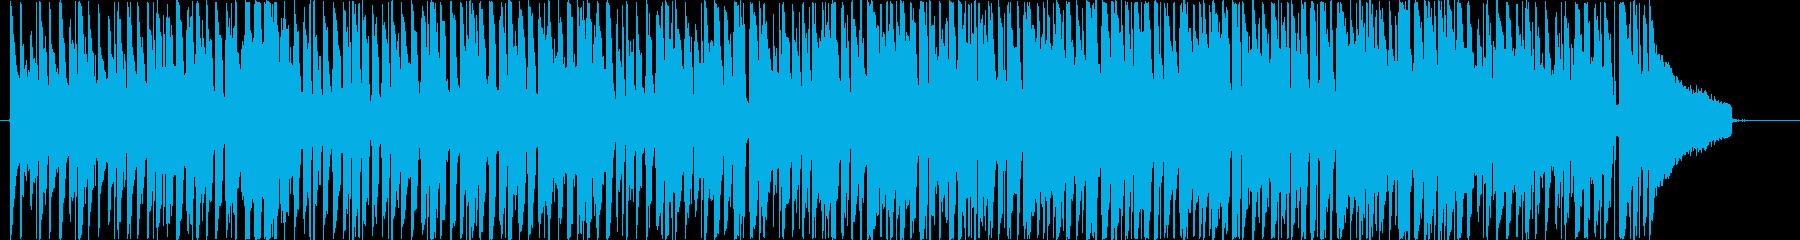 ハッピーで温かい曲の再生済みの波形